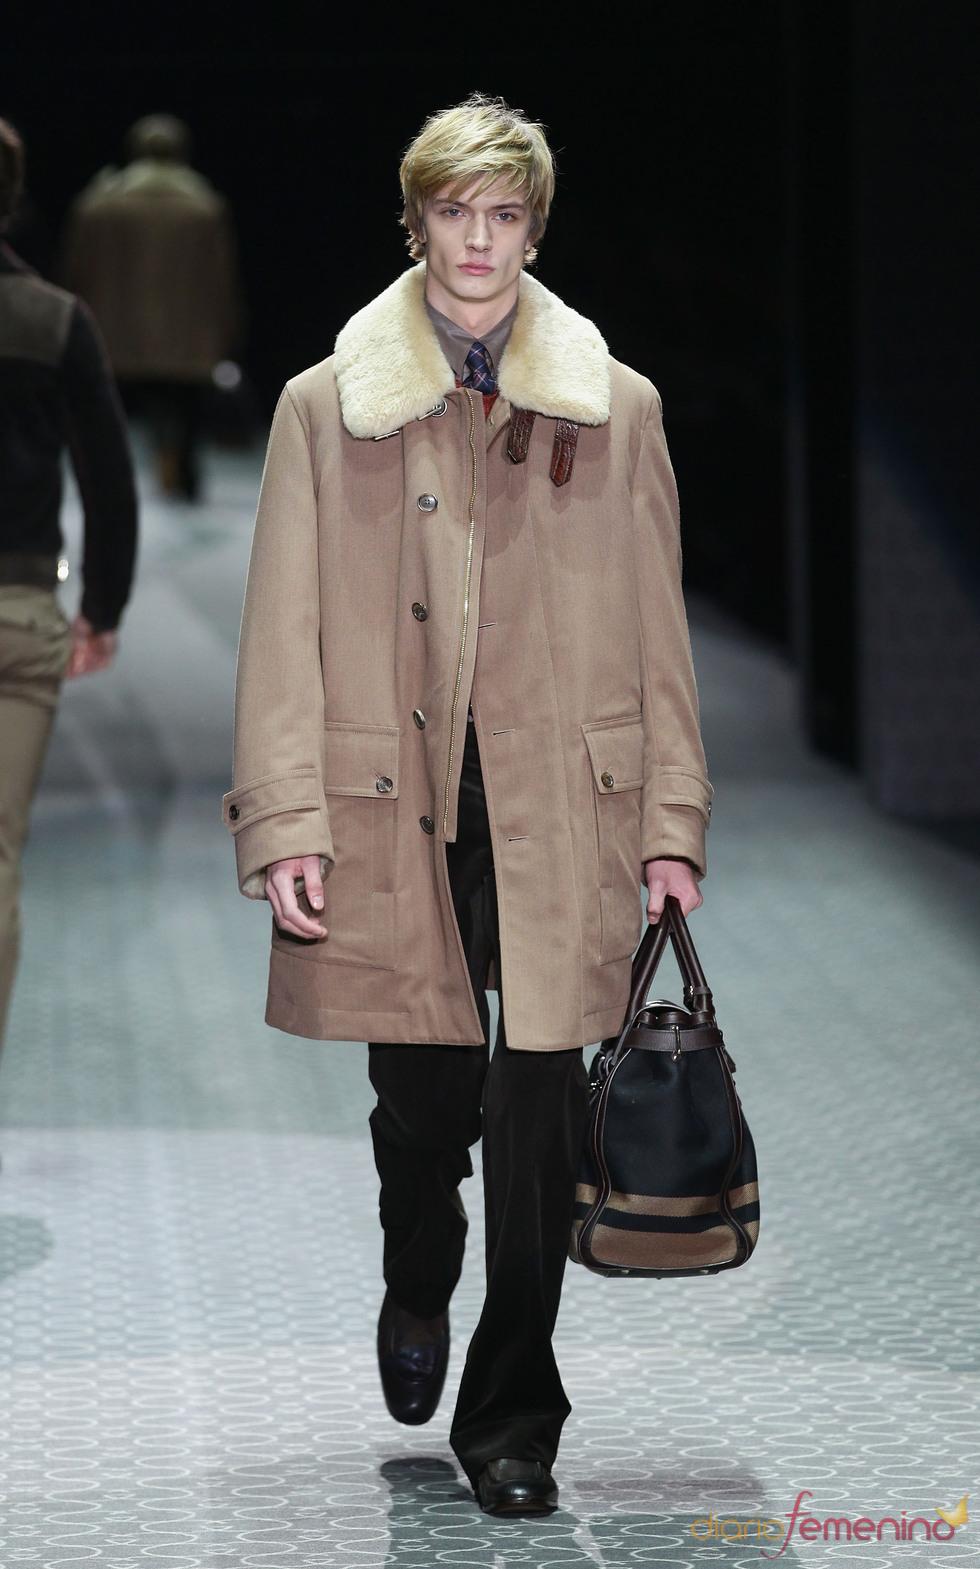 Abrigo oversize hombre de Gucci en la MFW A/W